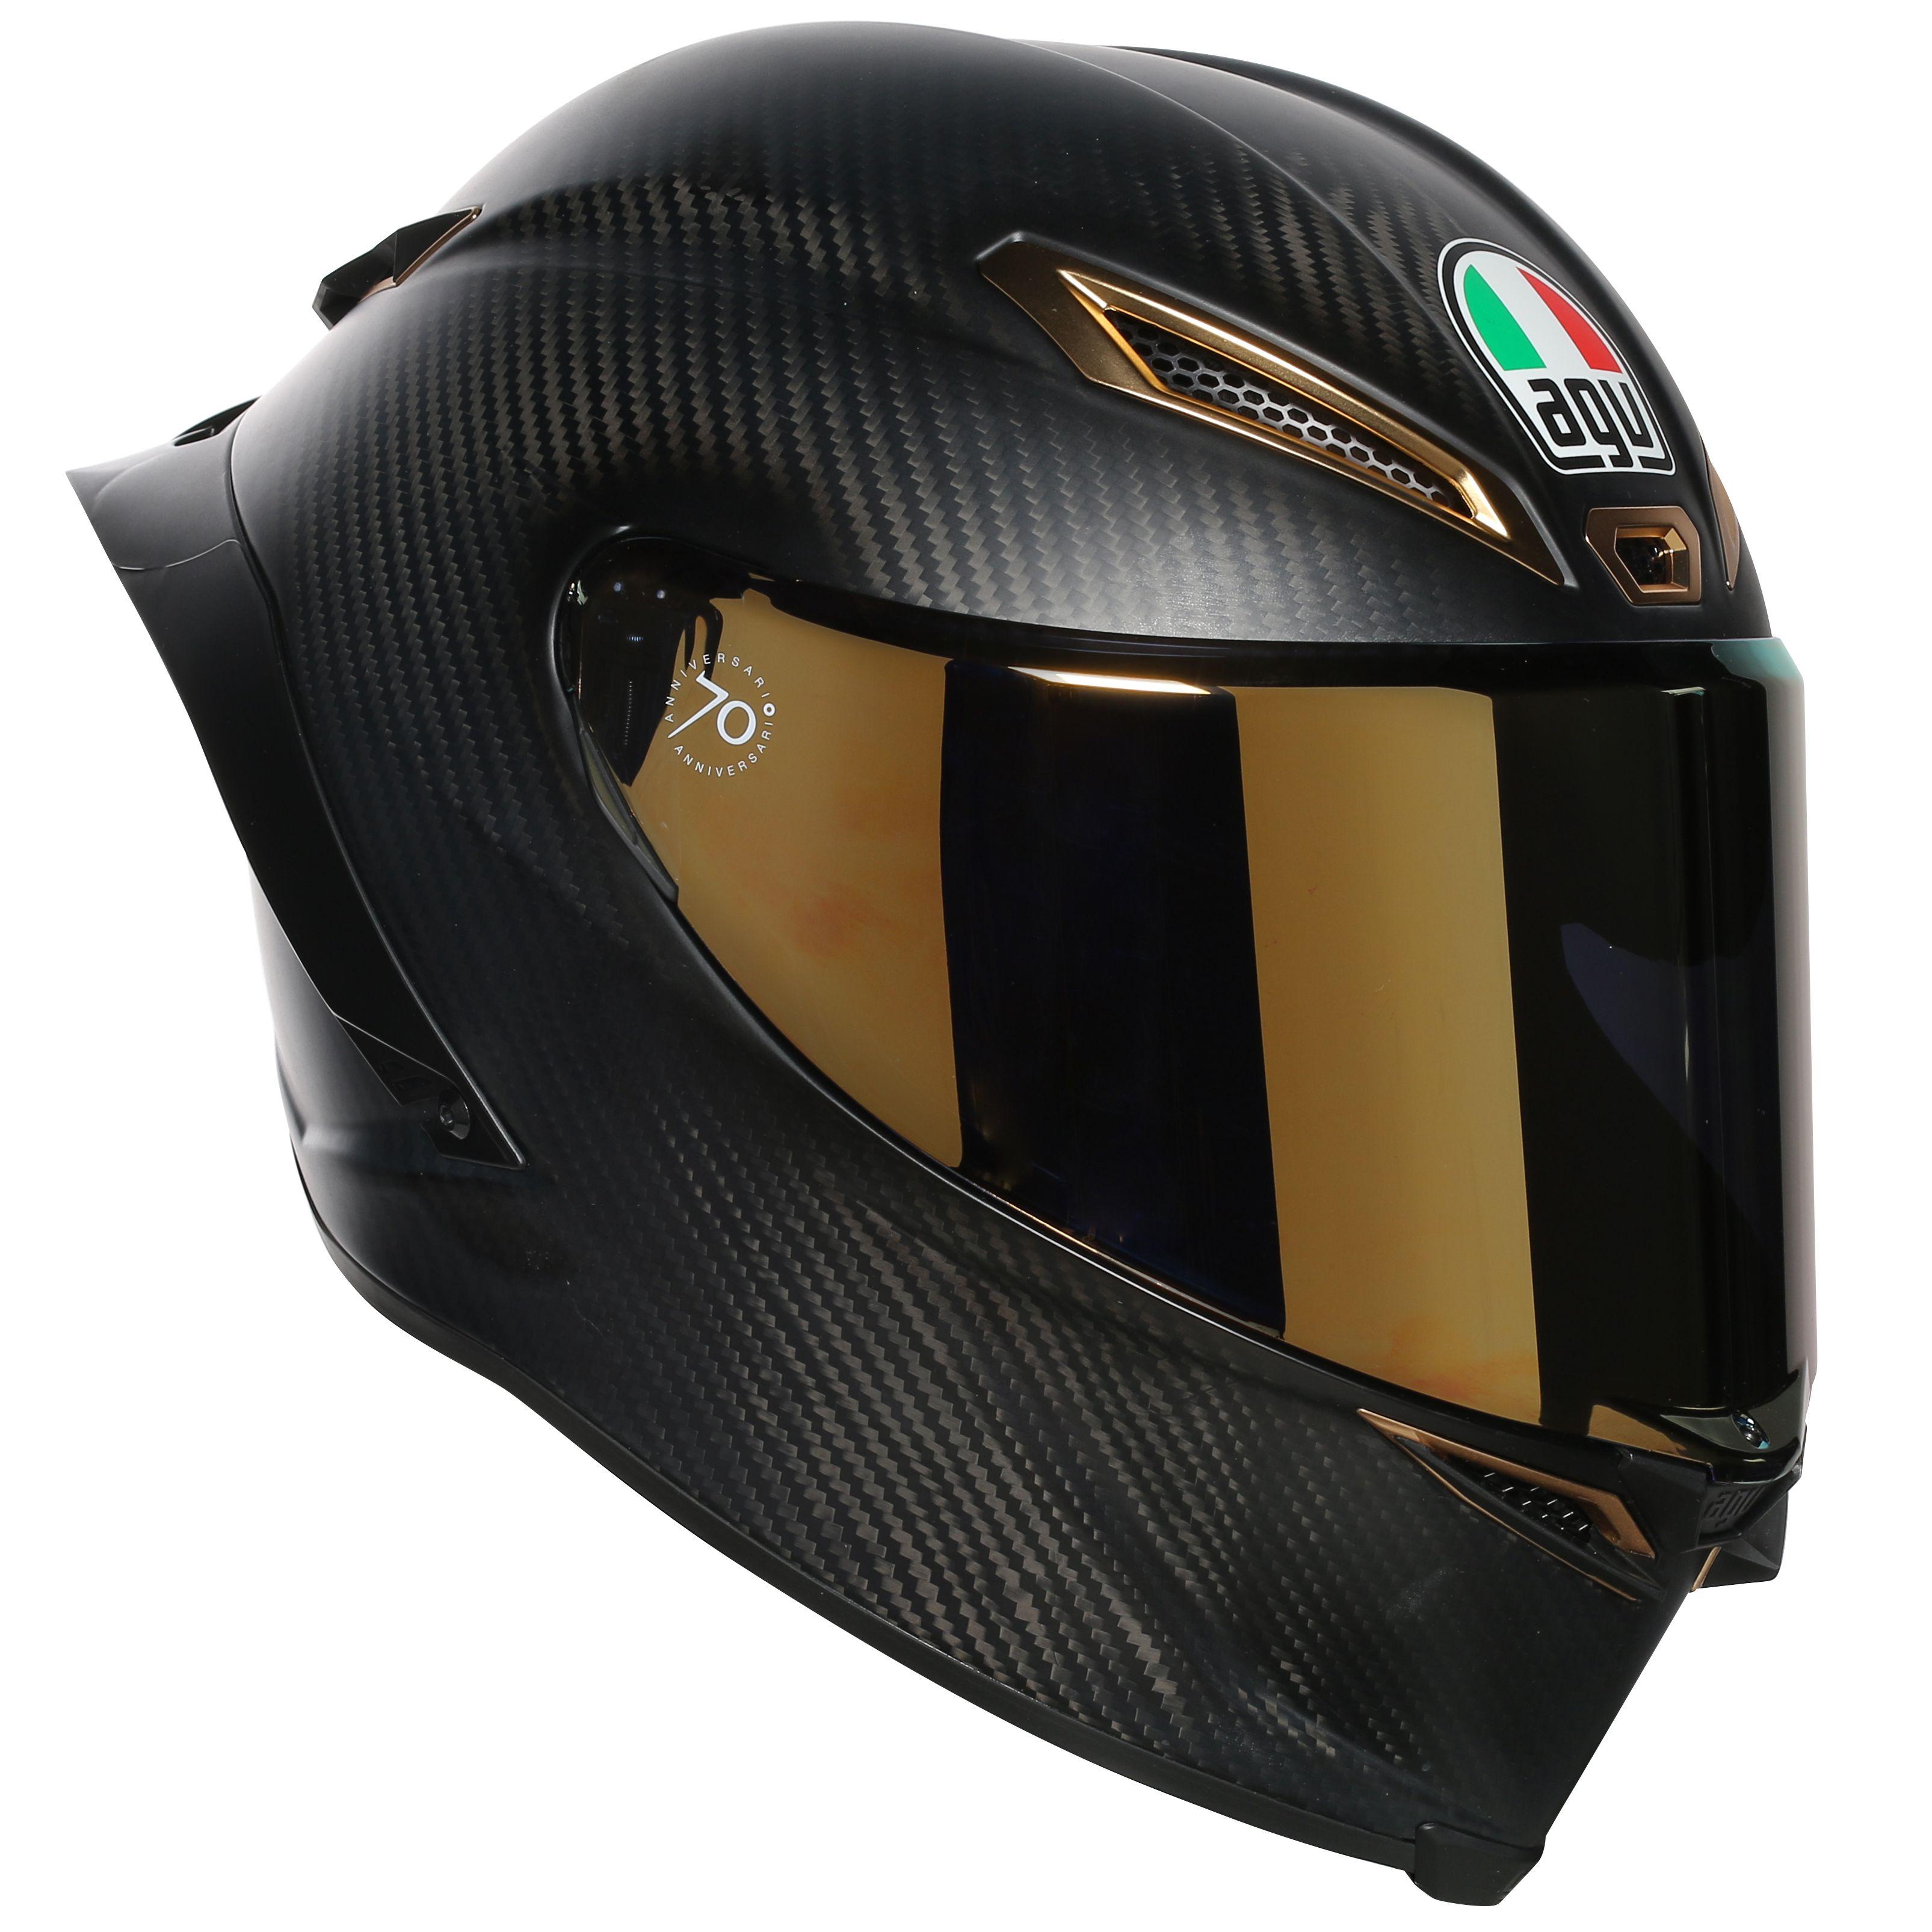 Casque moto edition limitée